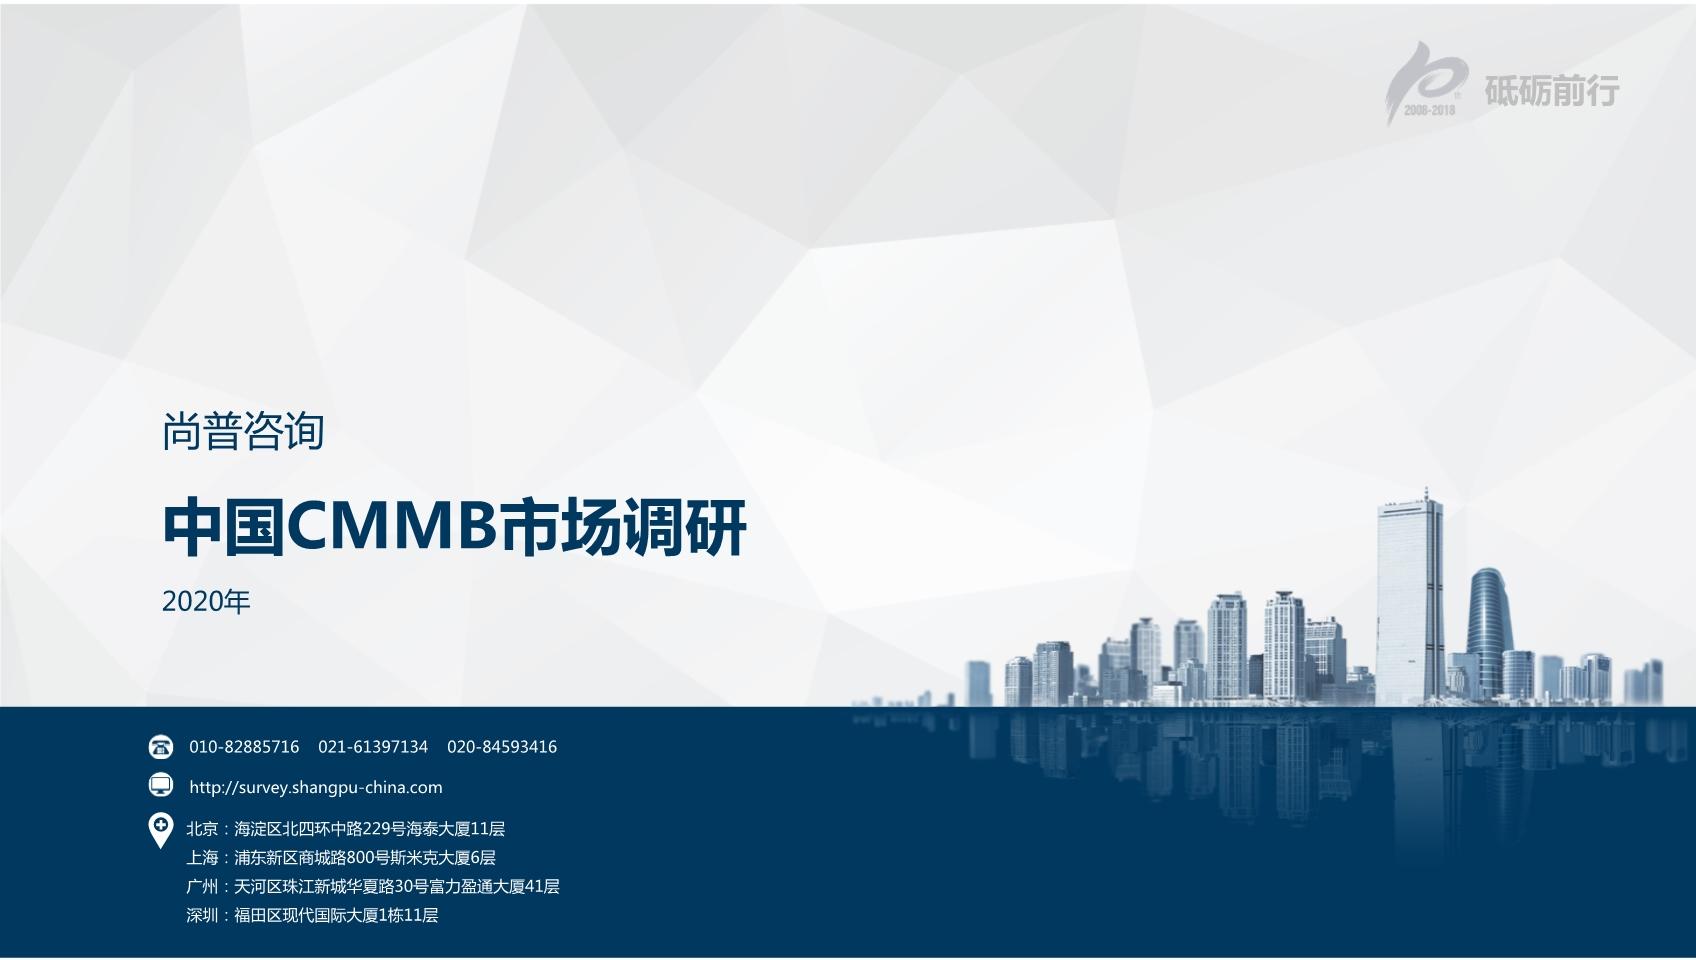 尚普咨询:2020年中国CMMB市场调研